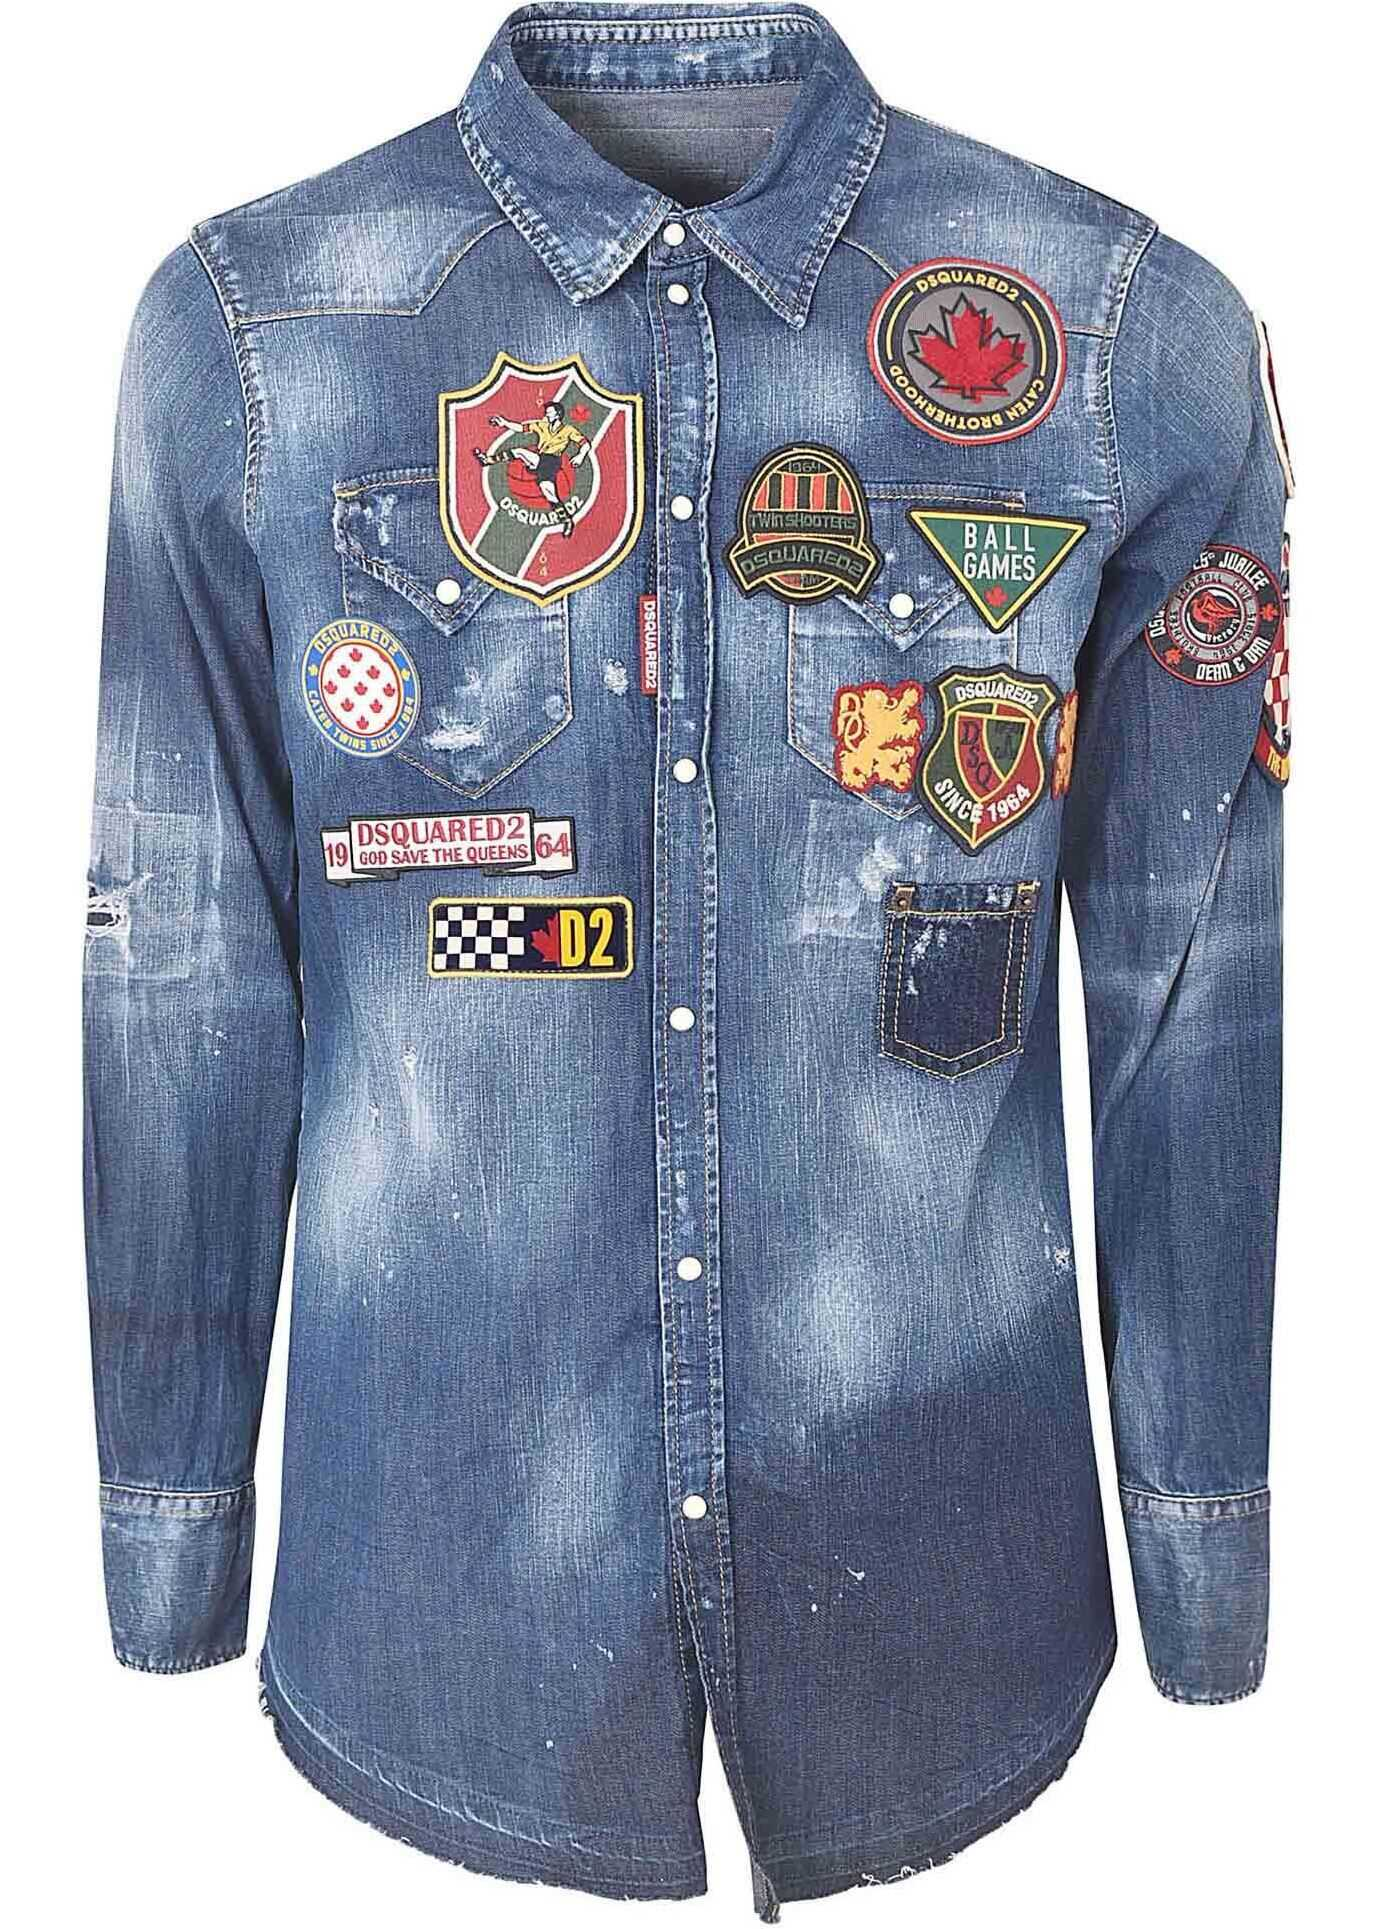 DSQUARED2 Patch College Denim Shirt In Blue Blue imagine